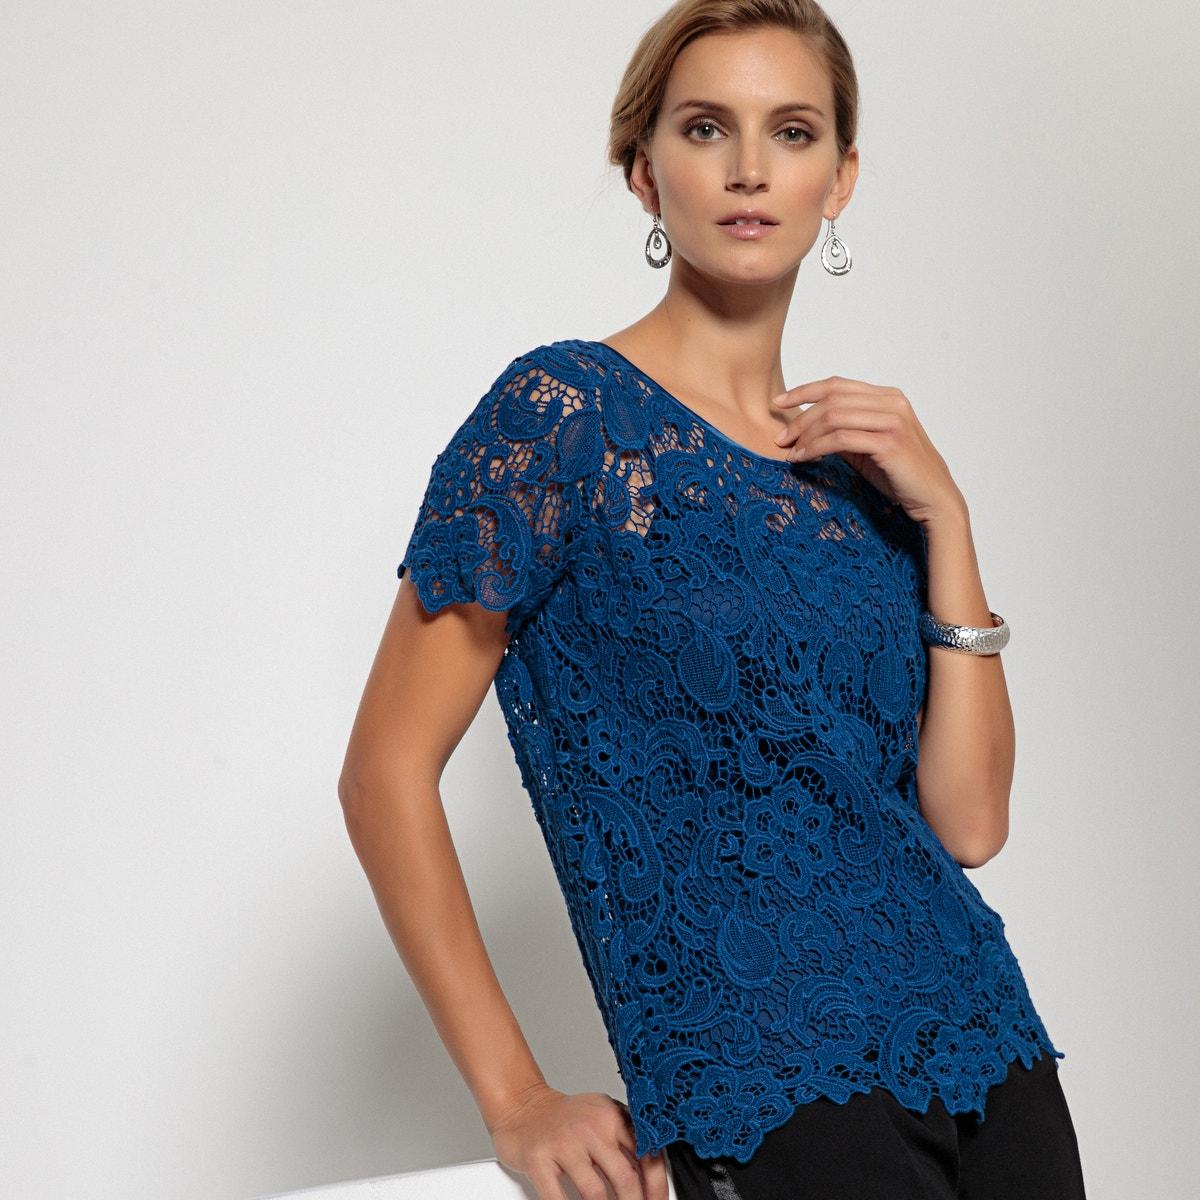 100% Cotton Guipure Lace Blouse γυναικα   μπλούζες   πουκάμισα   τοπ